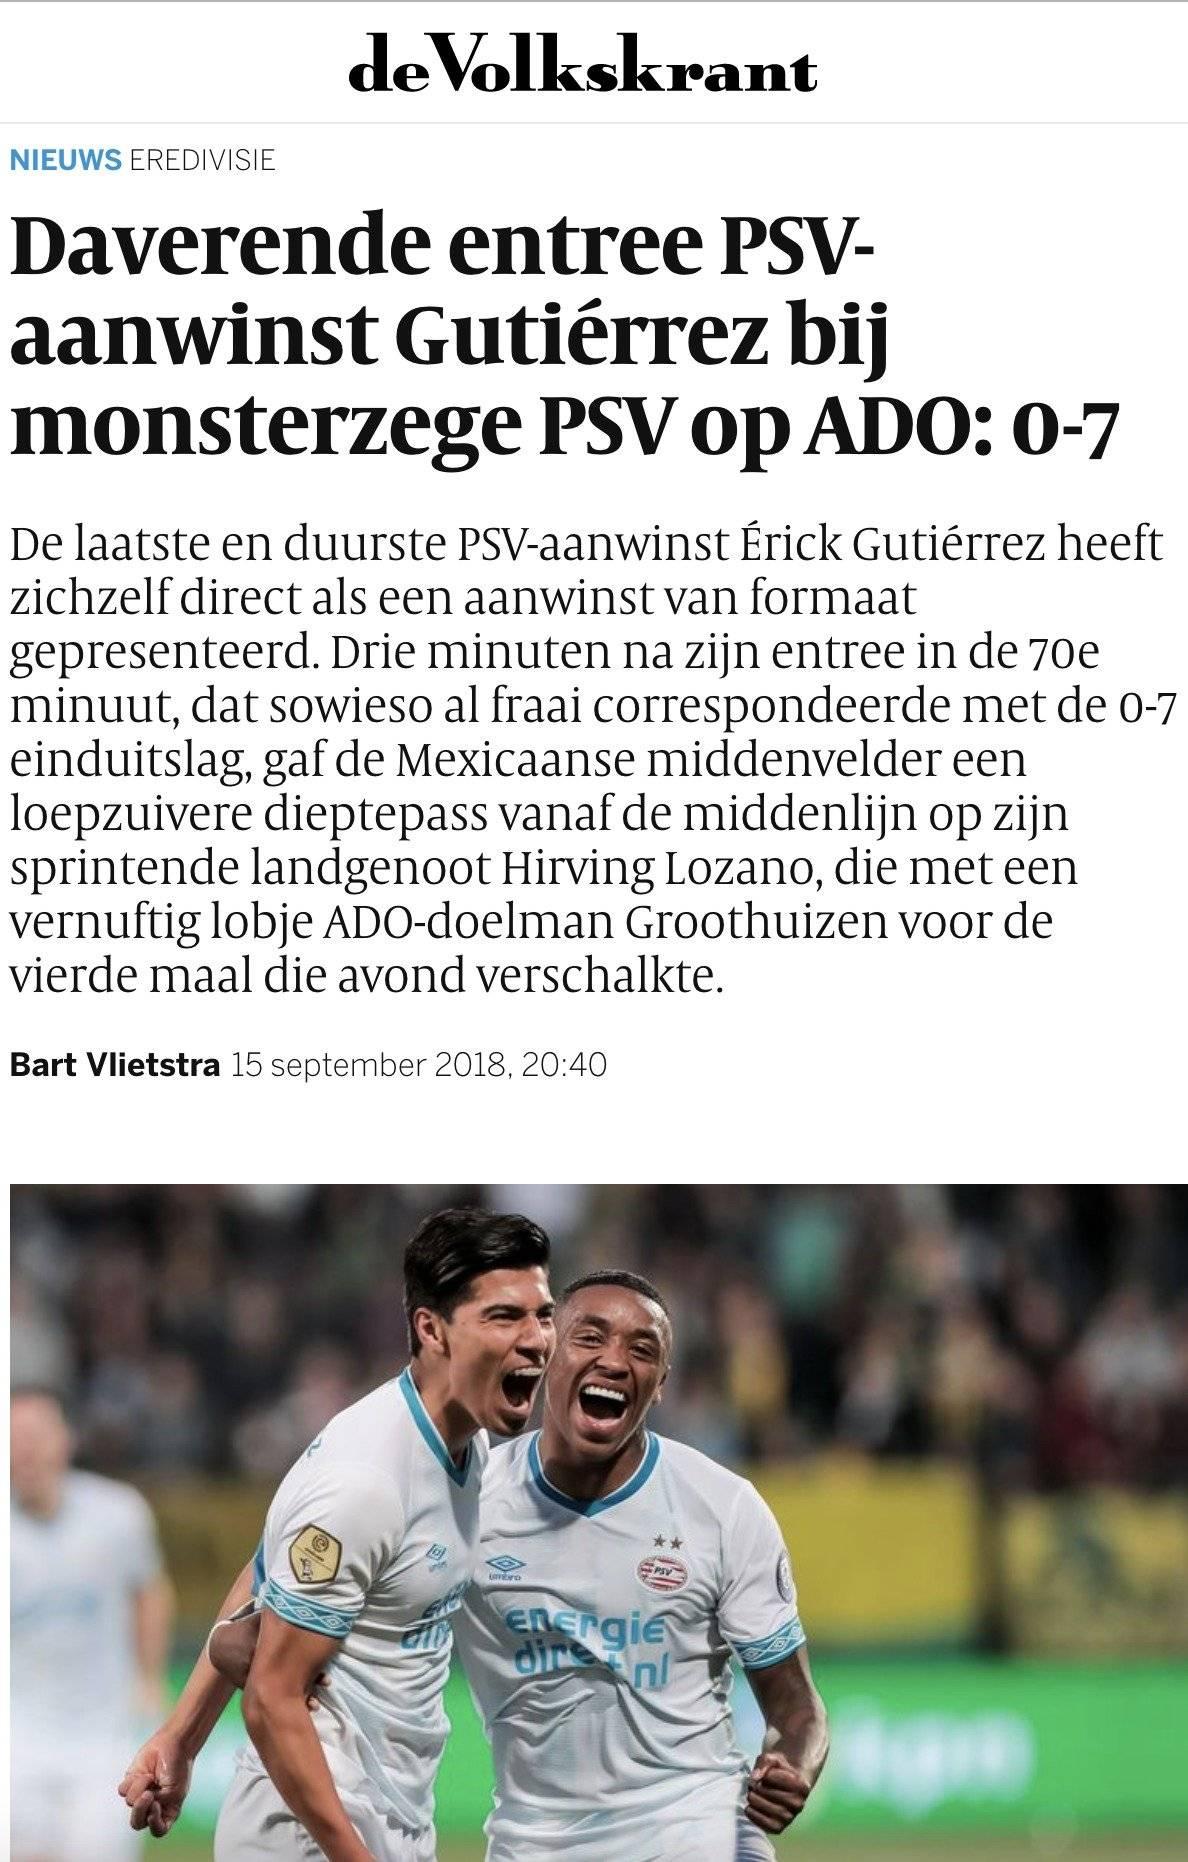 Erick Gutiérrez PSV Los Pleyers